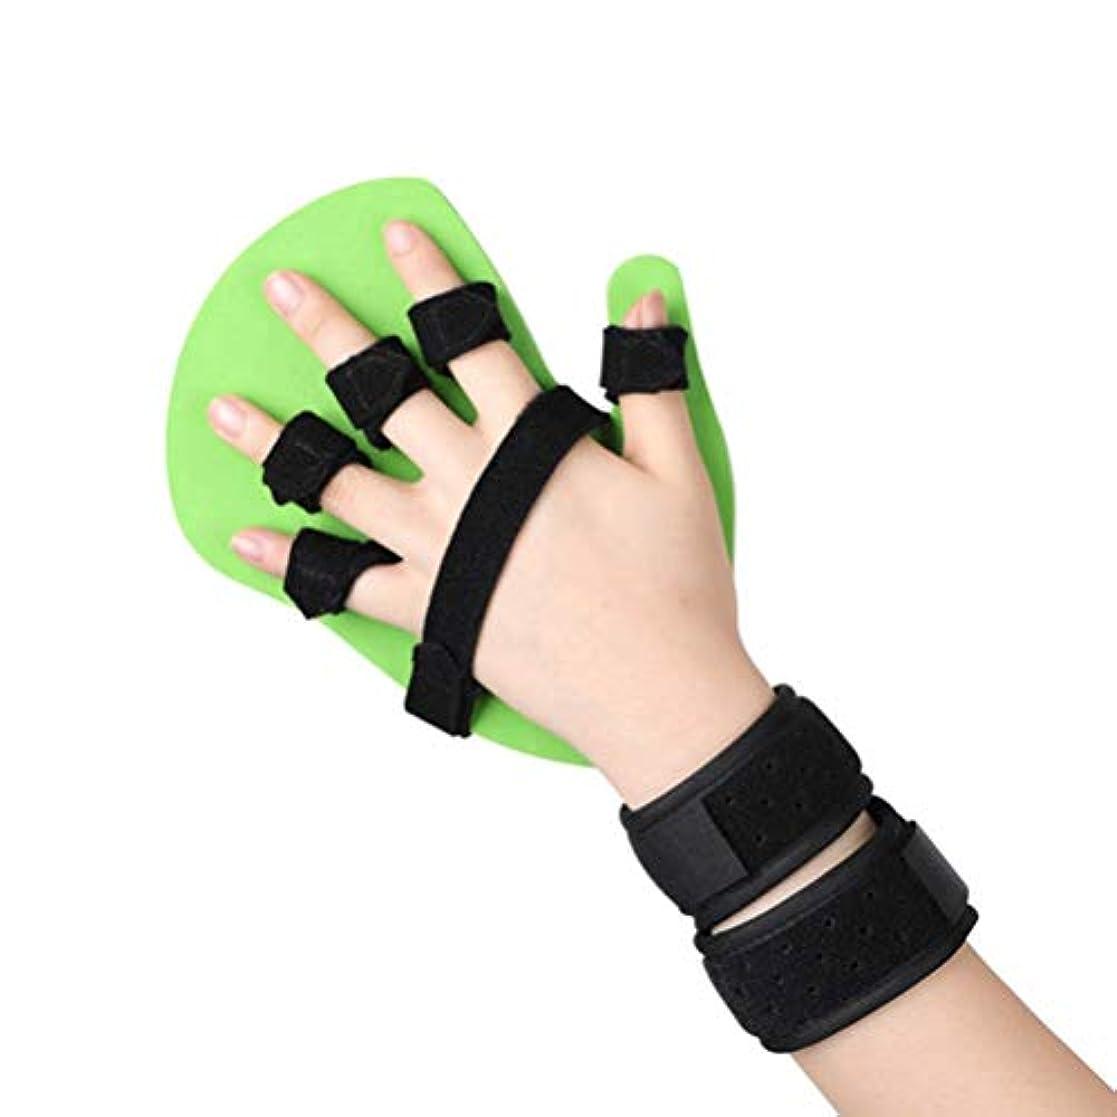 スナップ習熟度死んでいるセパレータインソールフィンガートレーニングデバイスフィンガースプリント指、手の手首のトレーニング装具デバイスブレースサポート攣縮拡張ボードスプリント脳卒中片麻痺、左右の手指 (Color : Left, Size : L)